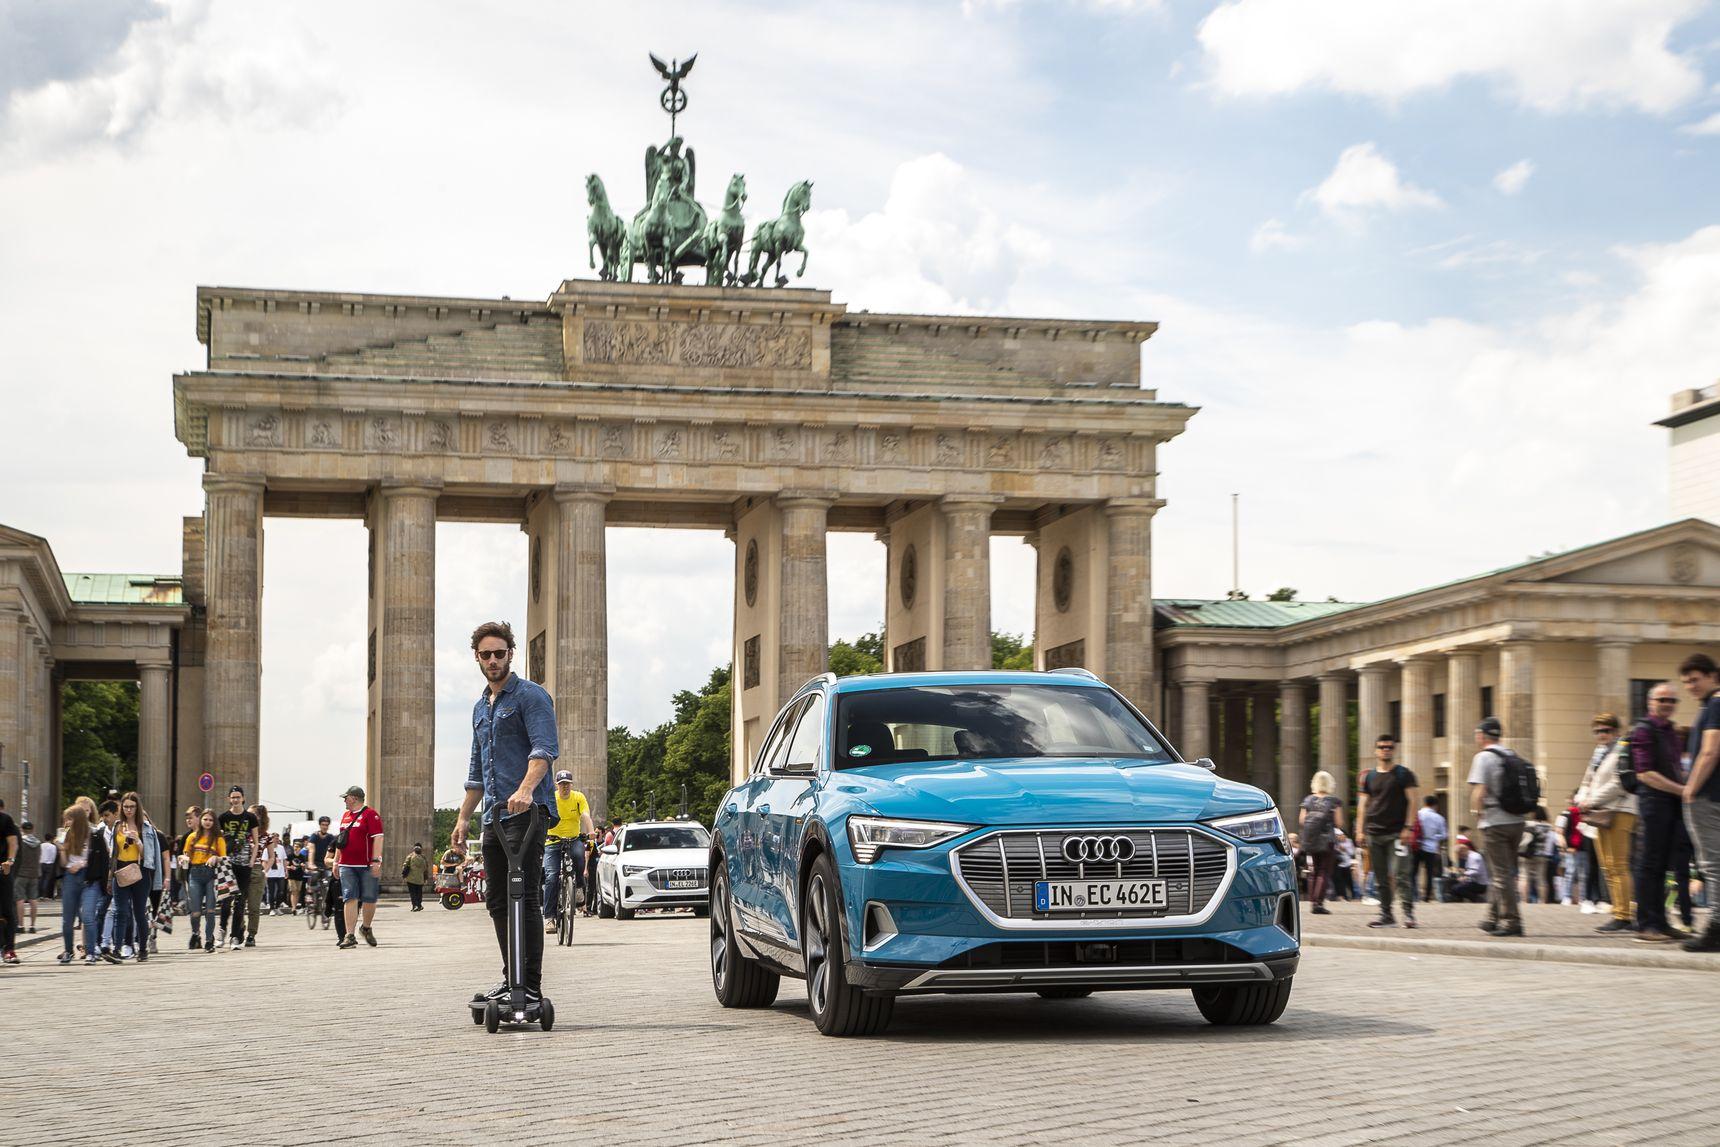 Audi e-tron non è un brand solo per le auto: ecco lo skateboard/monopattino elettrico del futuro 1